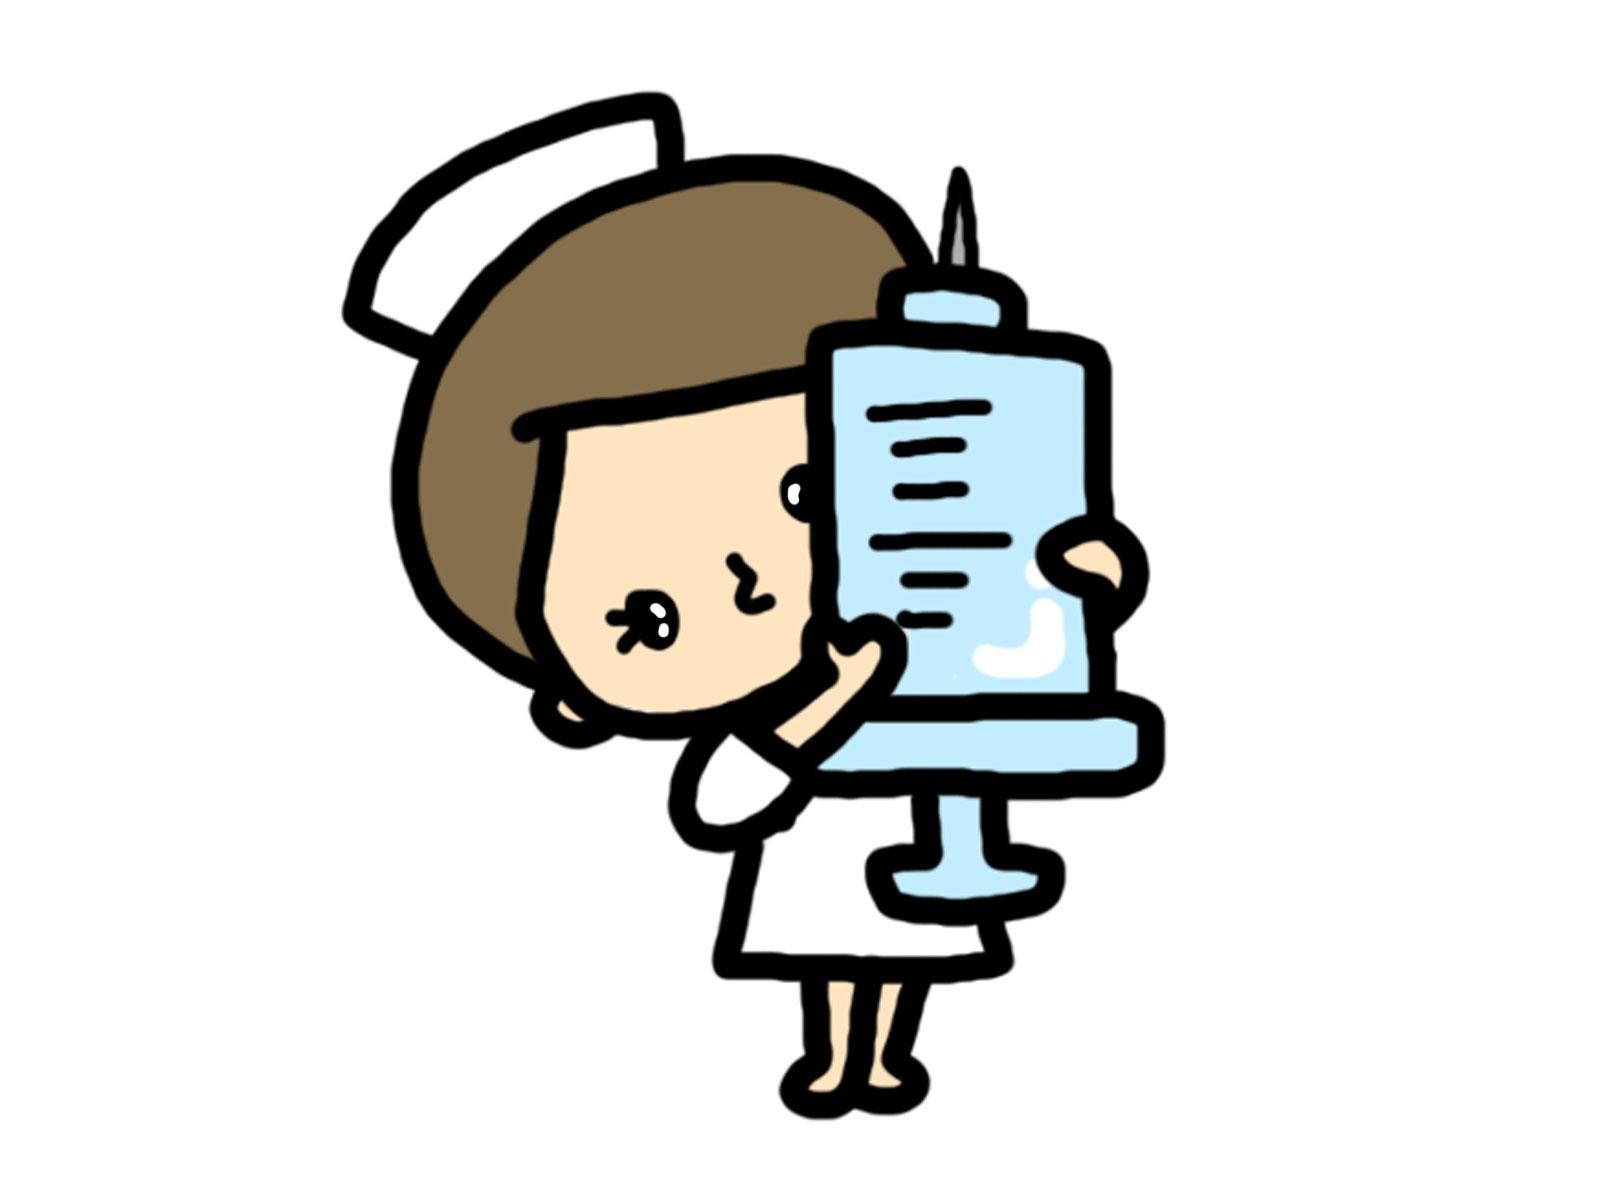 子宮頸癌ワクチンで脳に障害。歩行障害も(動画あり)